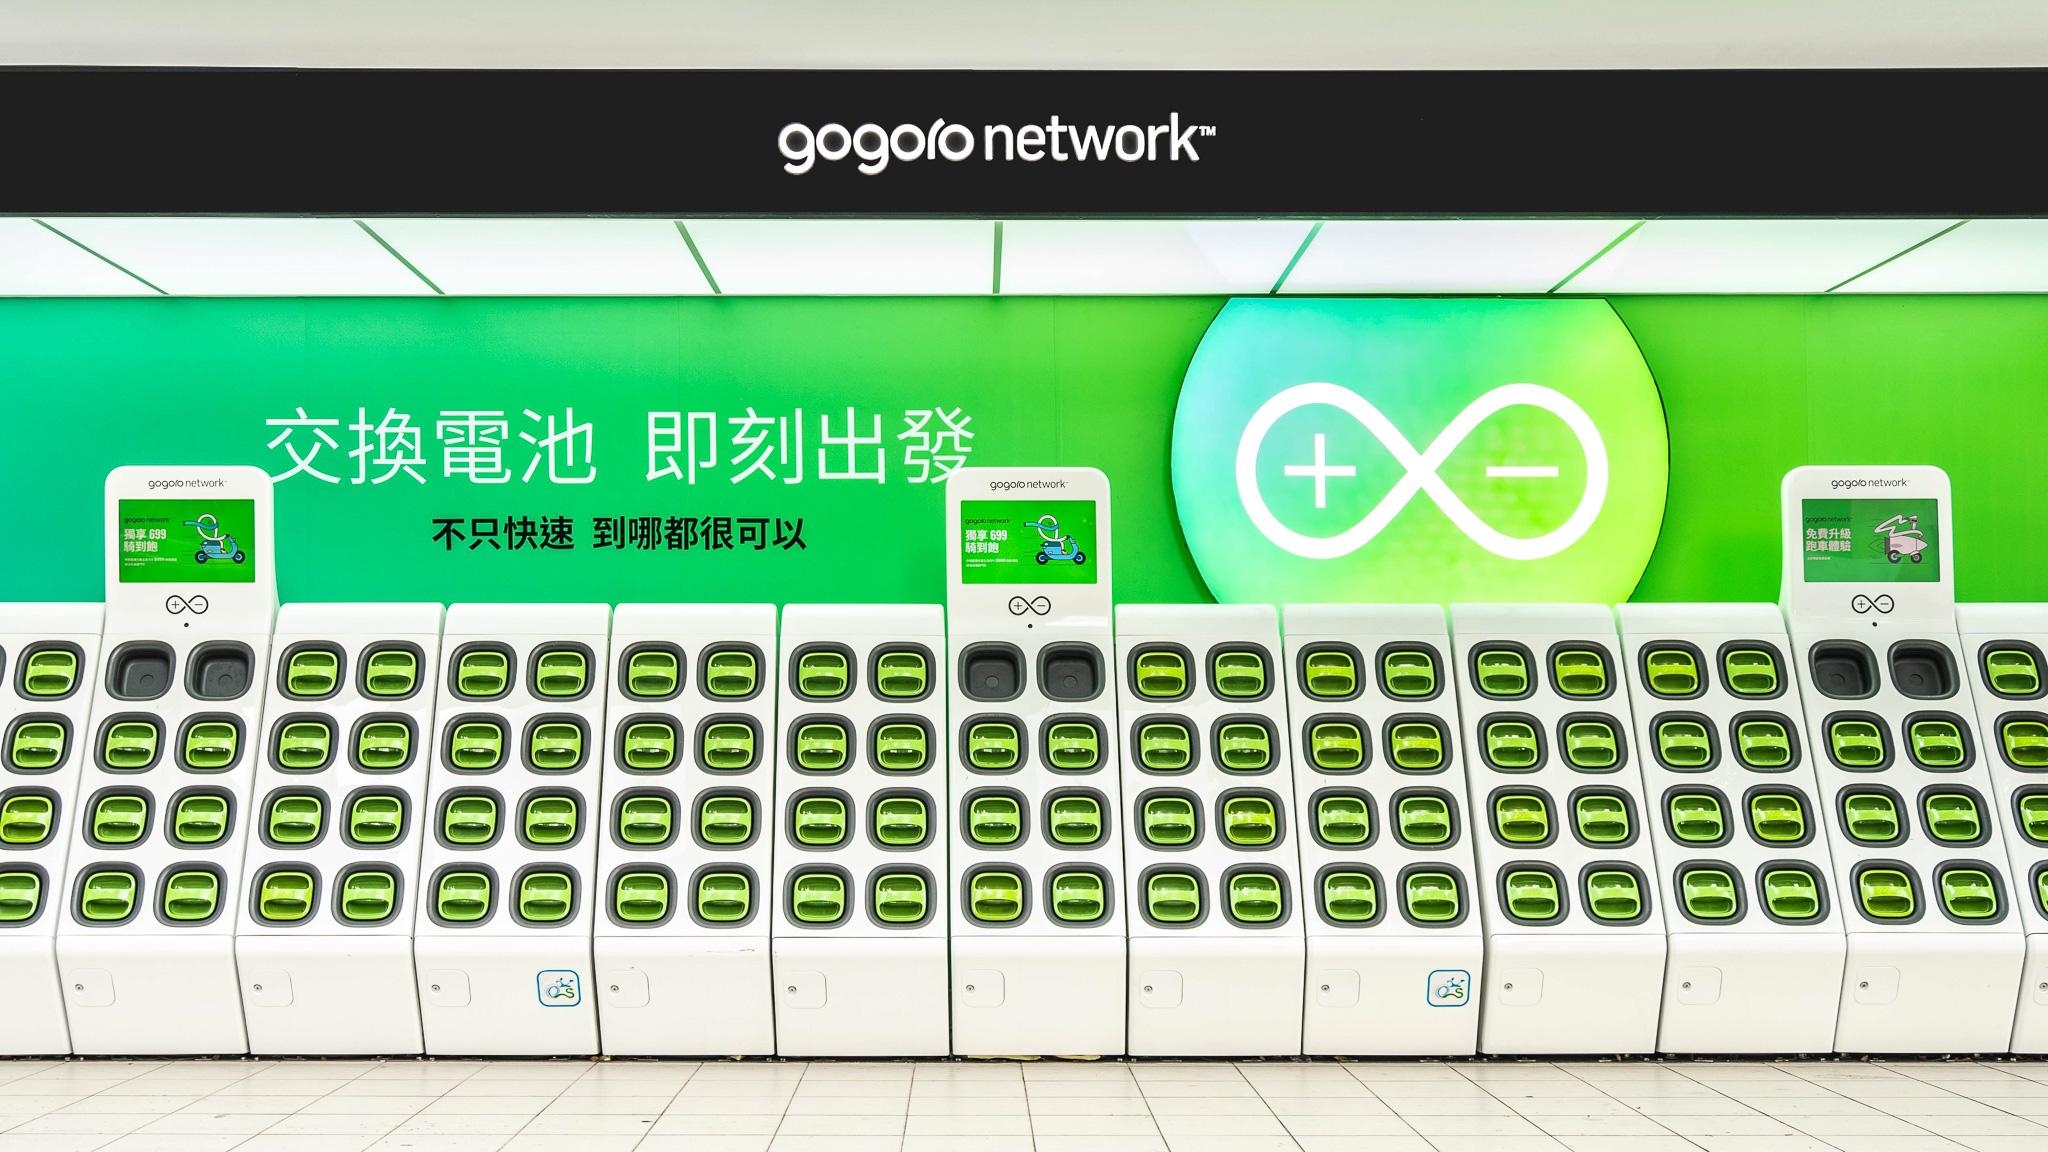 Gogoro 堅持做對的事很好,但能不能做得更好?